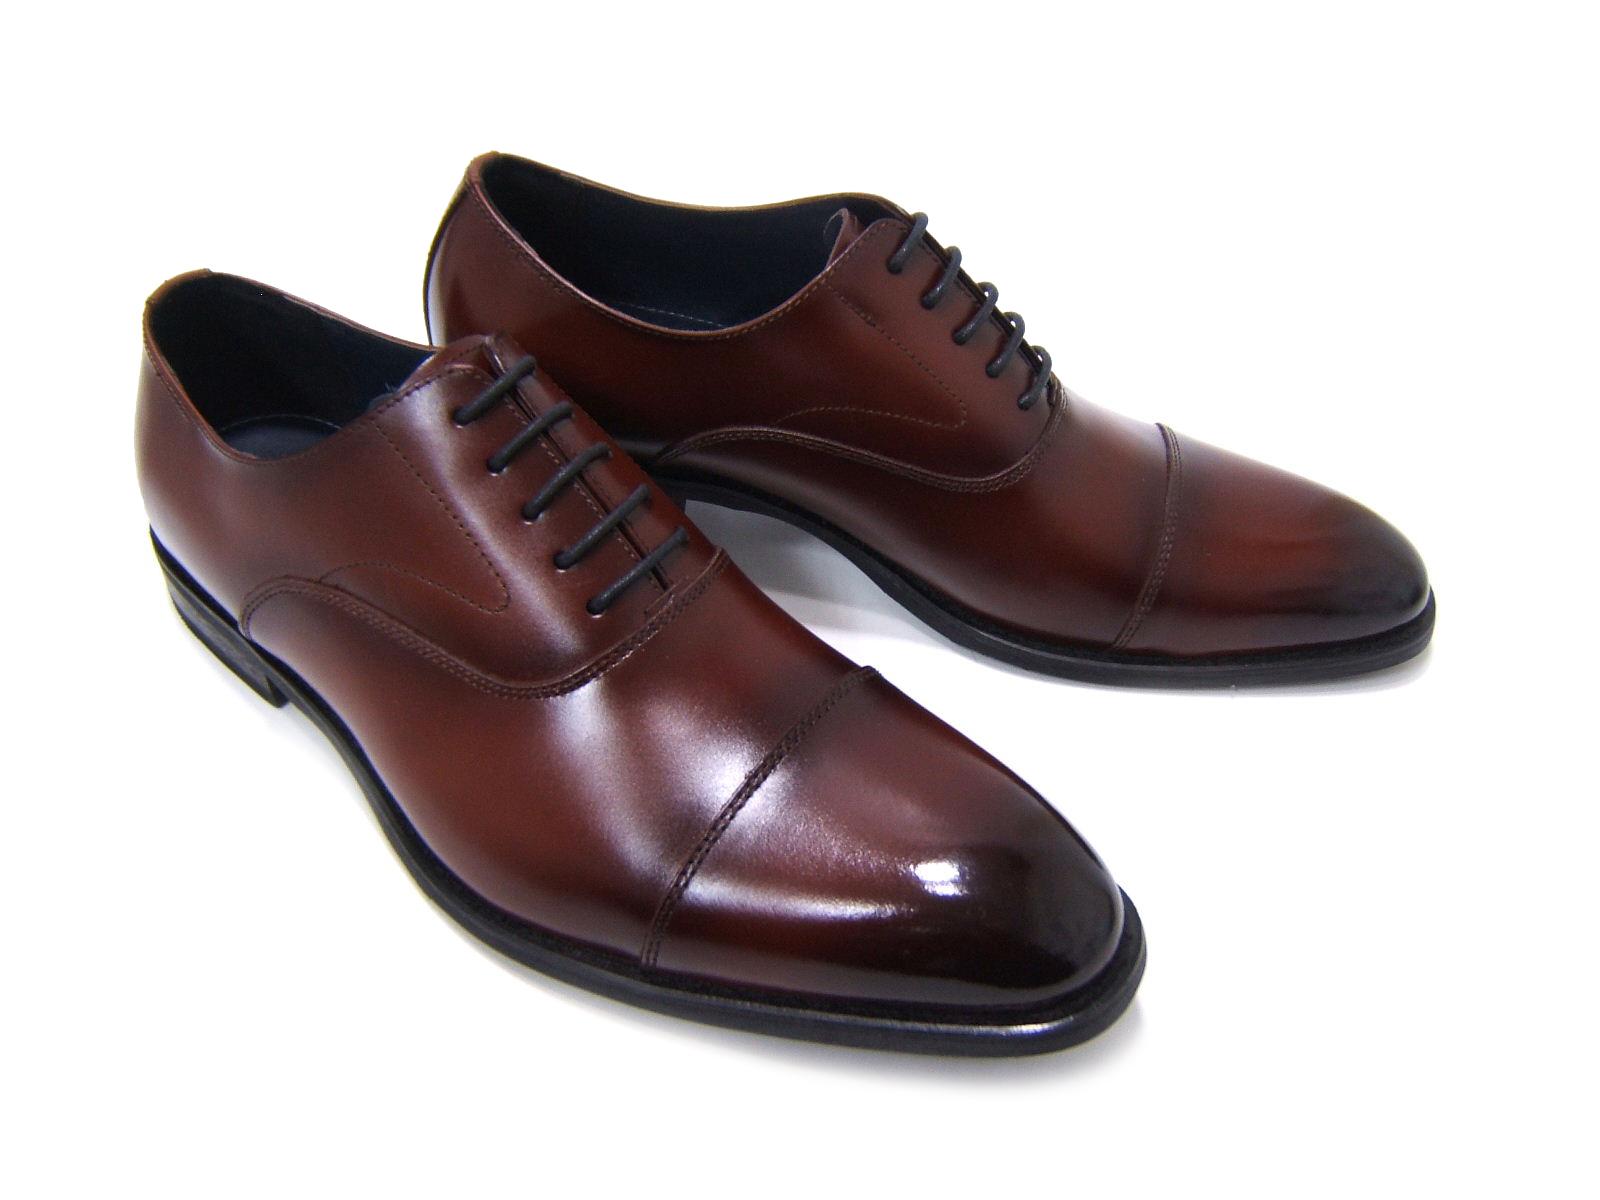 品のあるストレートチップトゥが魅力!The紳士靴!HIROKO KOSHINO/ヒロコ コシノ ビジネス紳士靴 ブラウン ストレートチップ ロングノーズ3Eワイズ ビジネス 送料無料